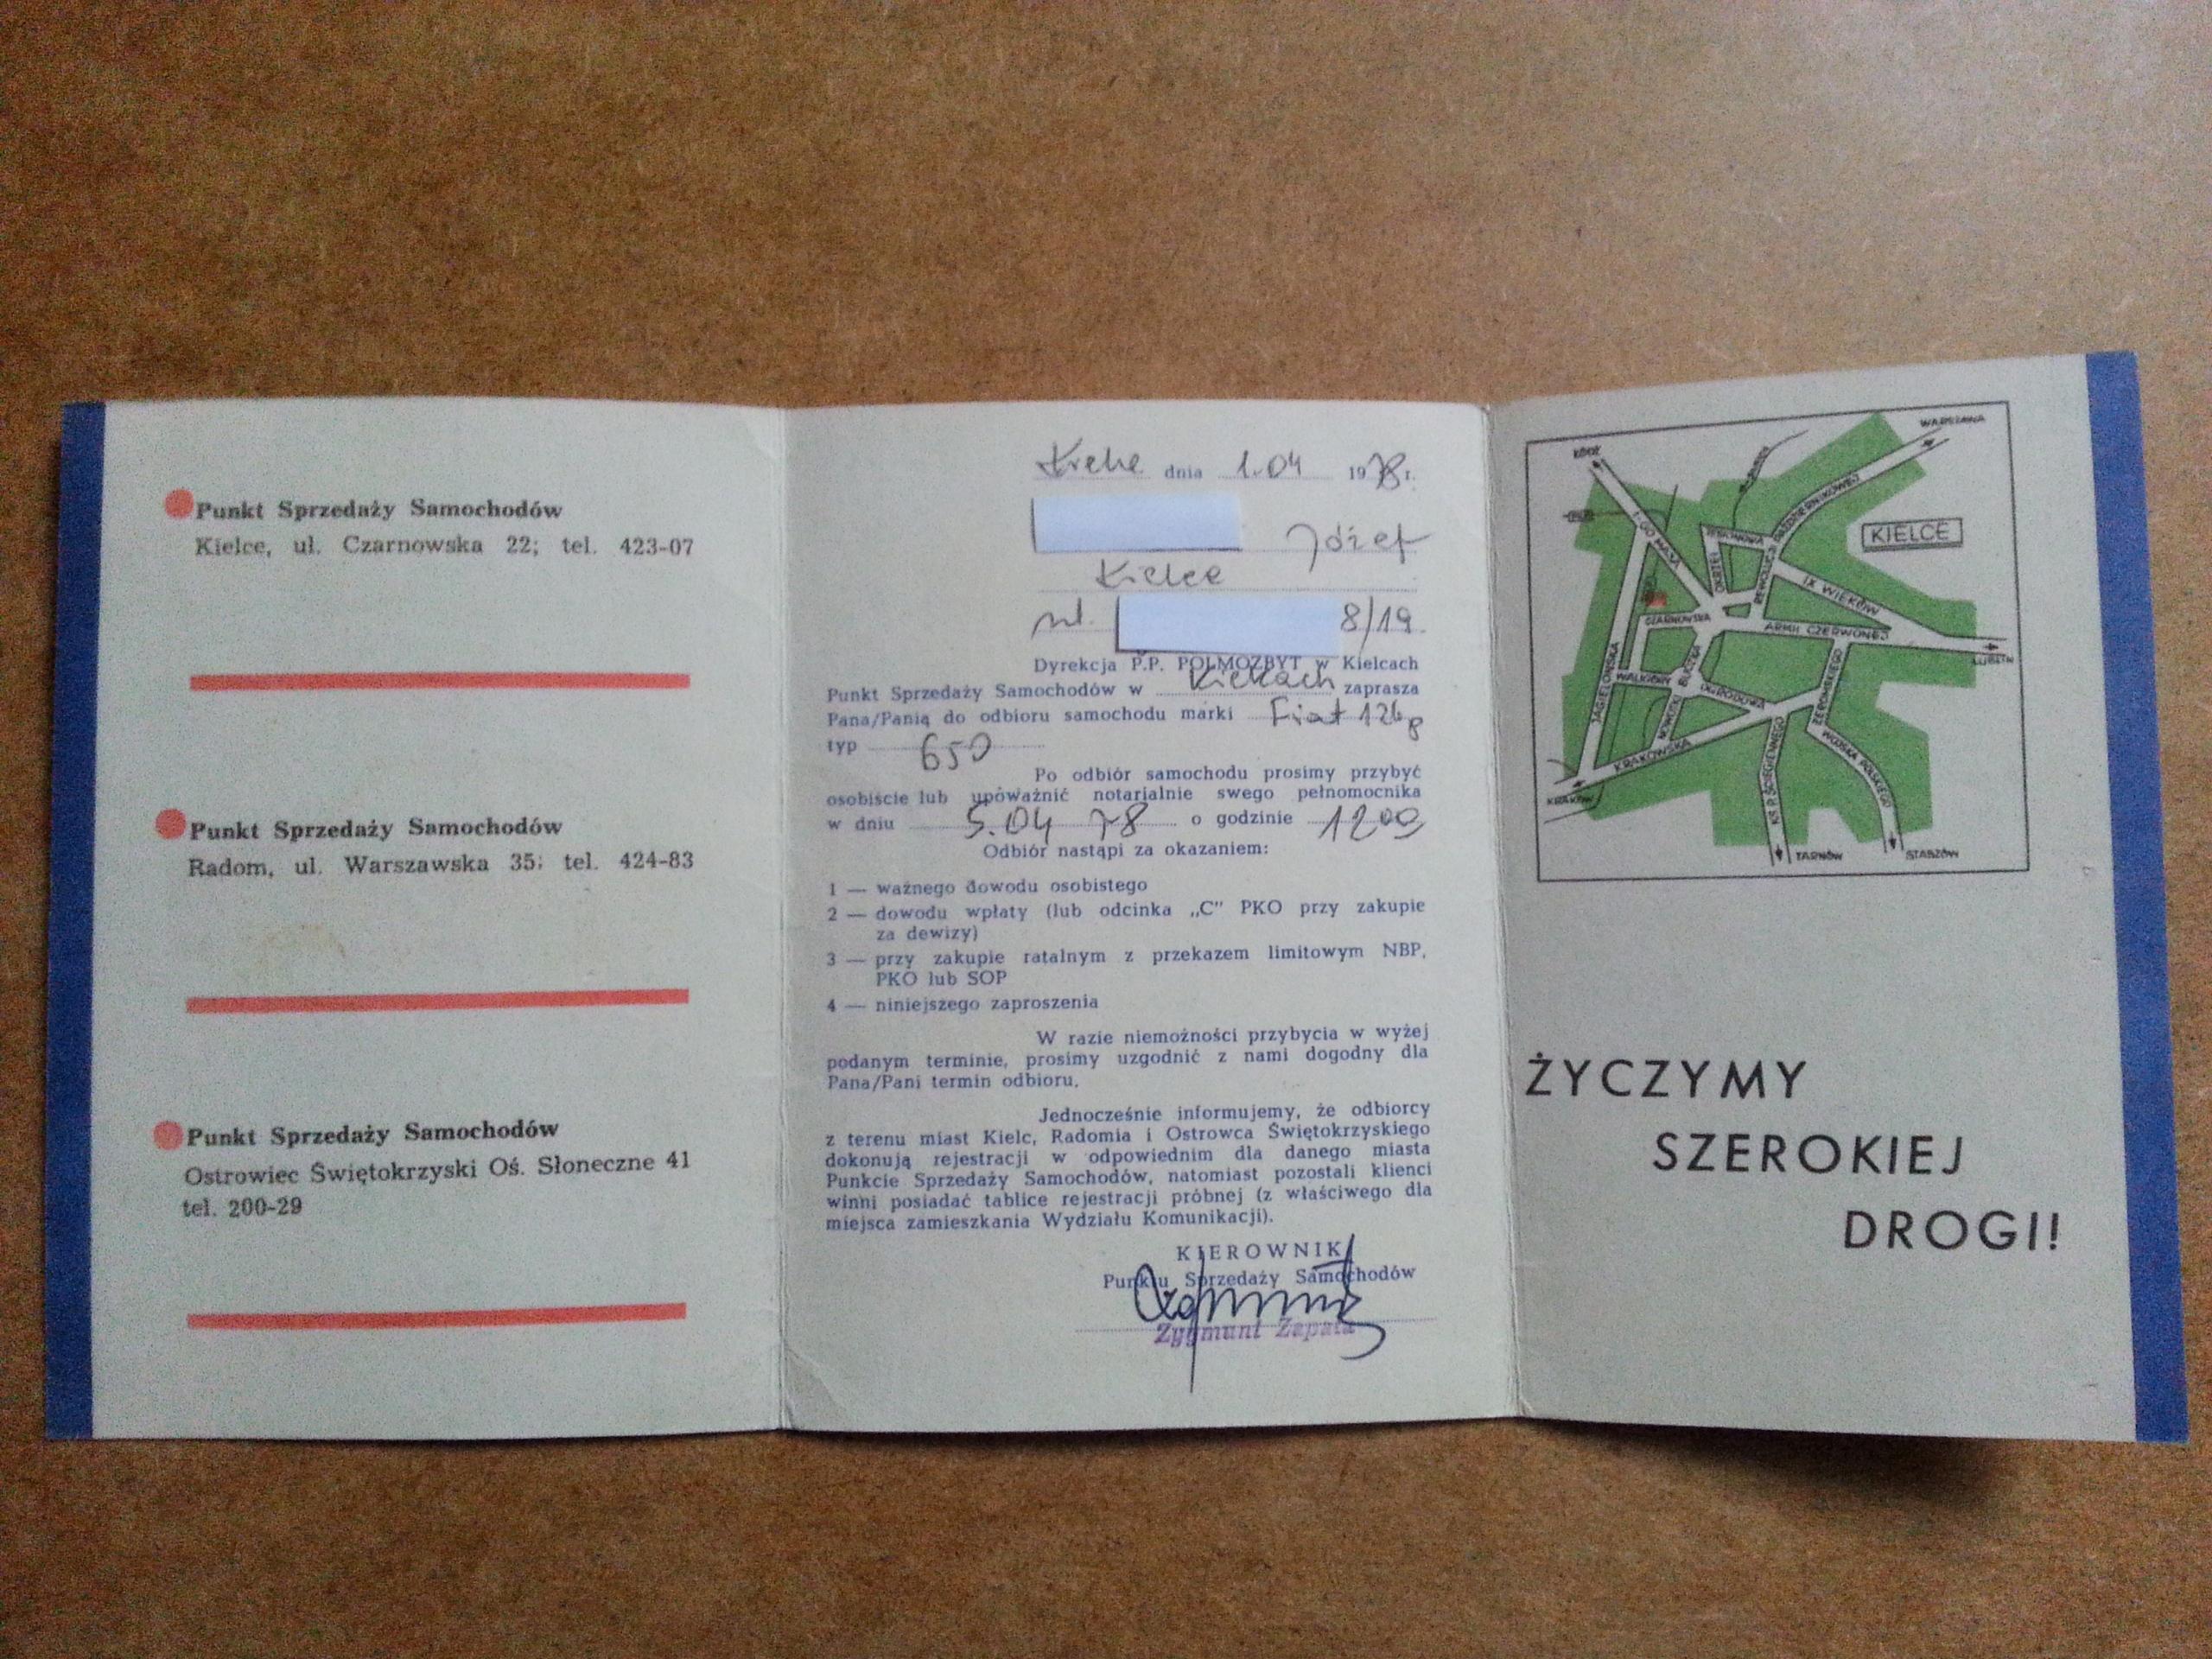 Fiat 126p Zaproszenie Po Odbiór Samochodu Prl 7716042164